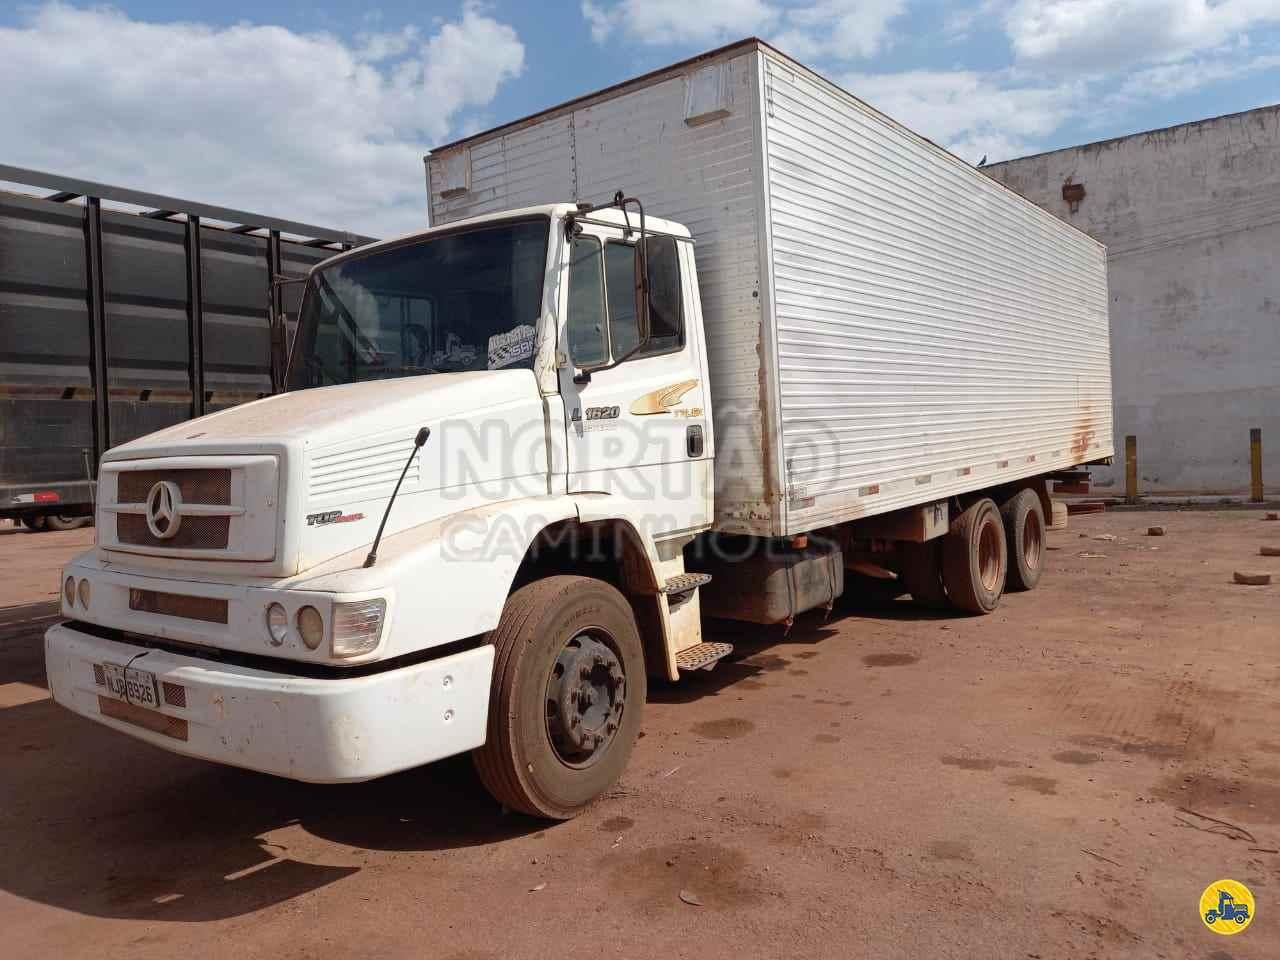 CAMINHAO MERCEDES-BENZ MB 1620 Baú Furgão Truck 6x2 Nortão Caminhões VARZEA GRANDE MATO GROSSO MT